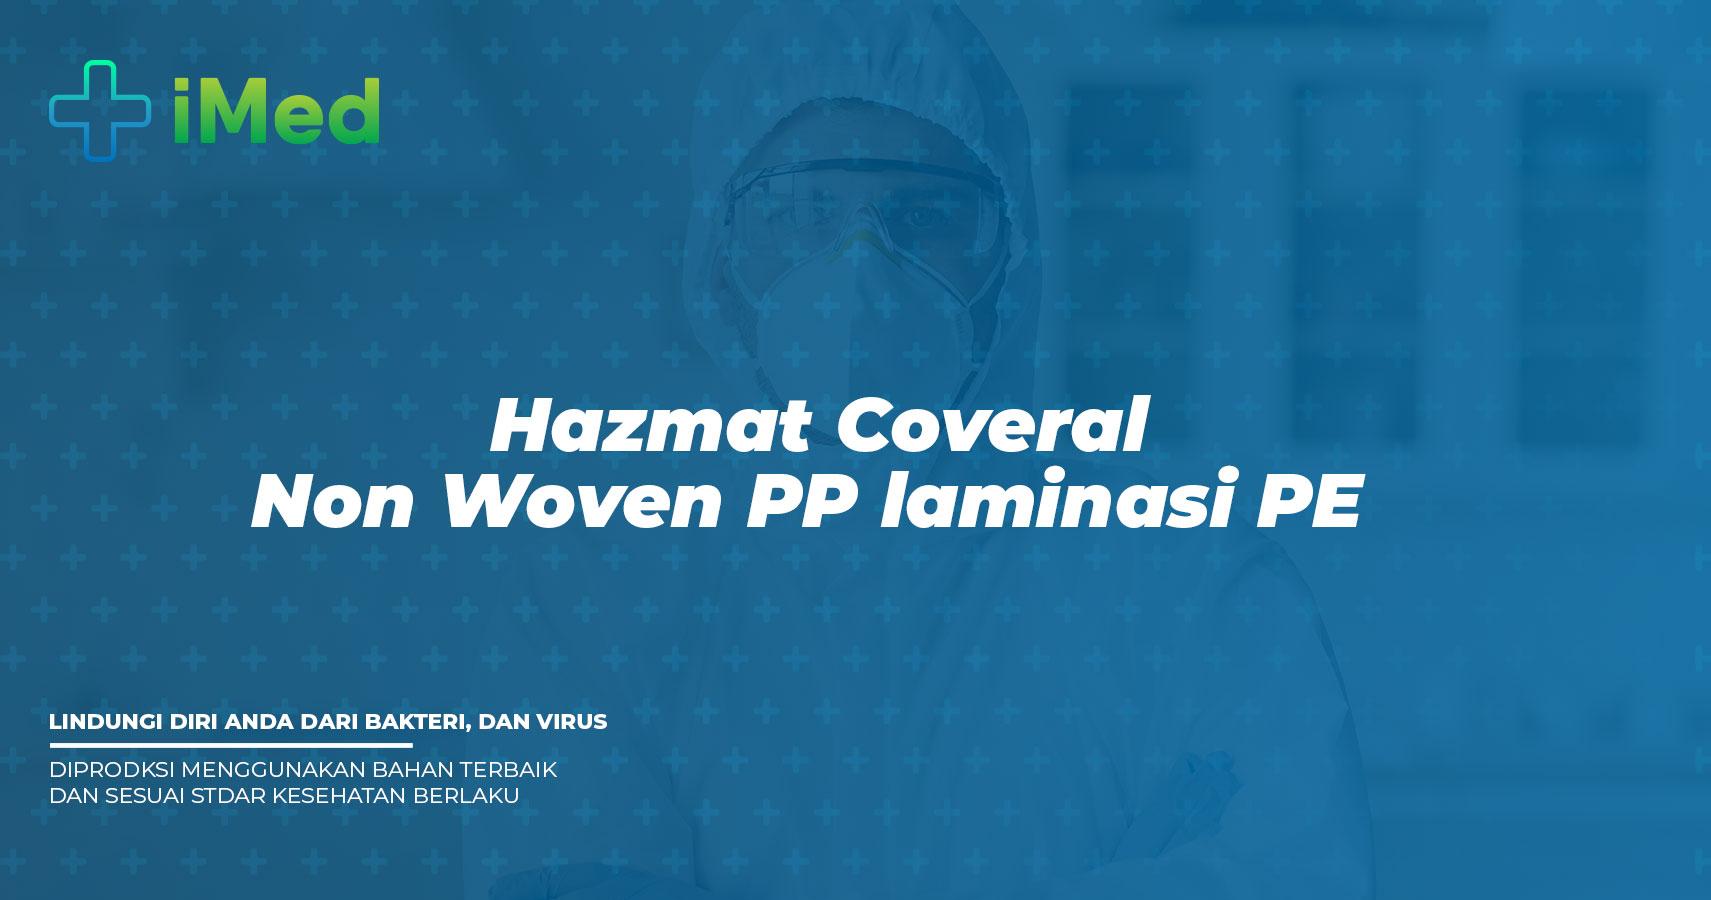 Hazmat Coverall non Woven PP Laminasi